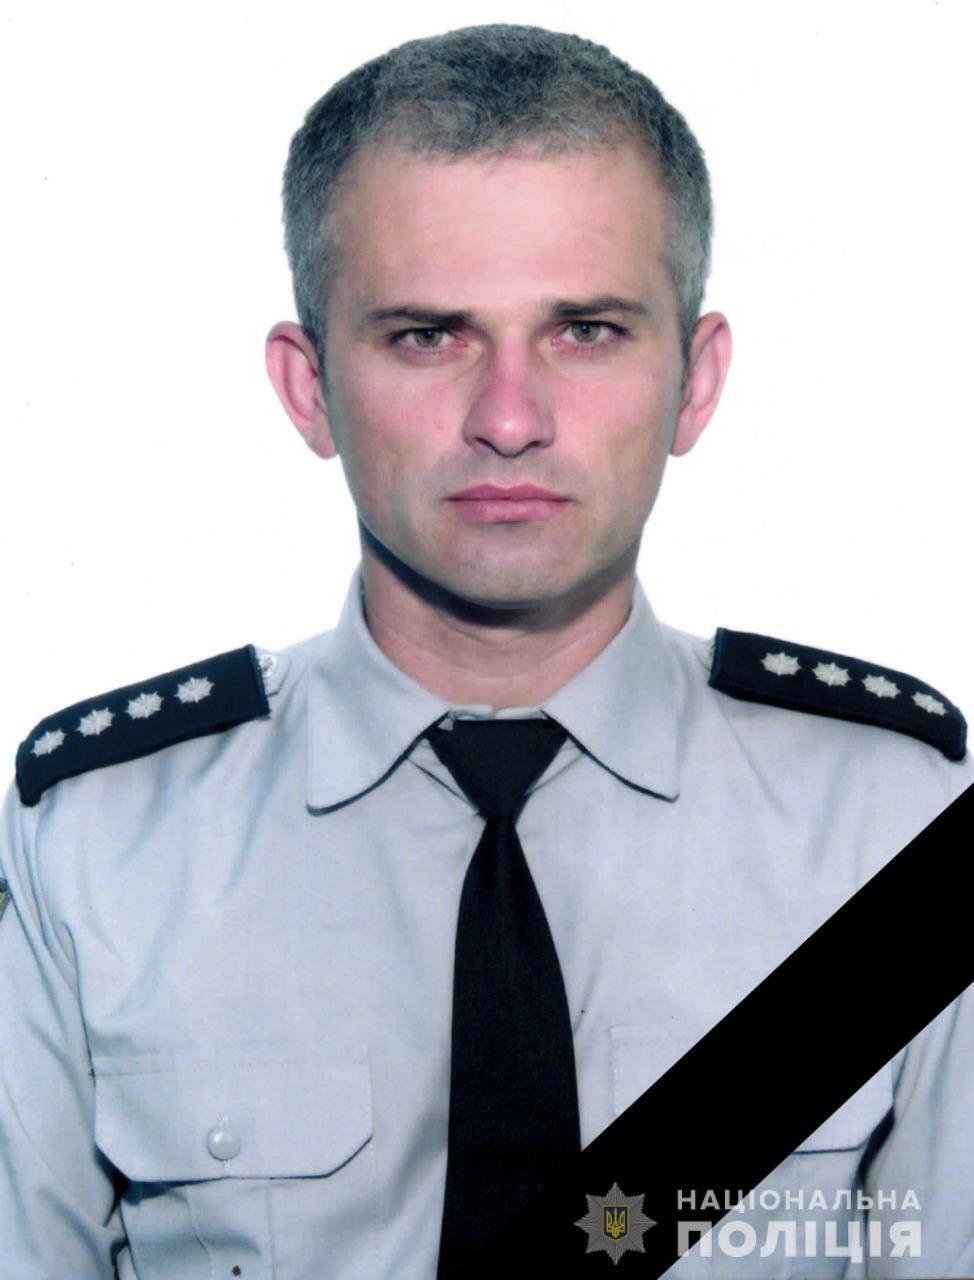 Олег Мартынюк